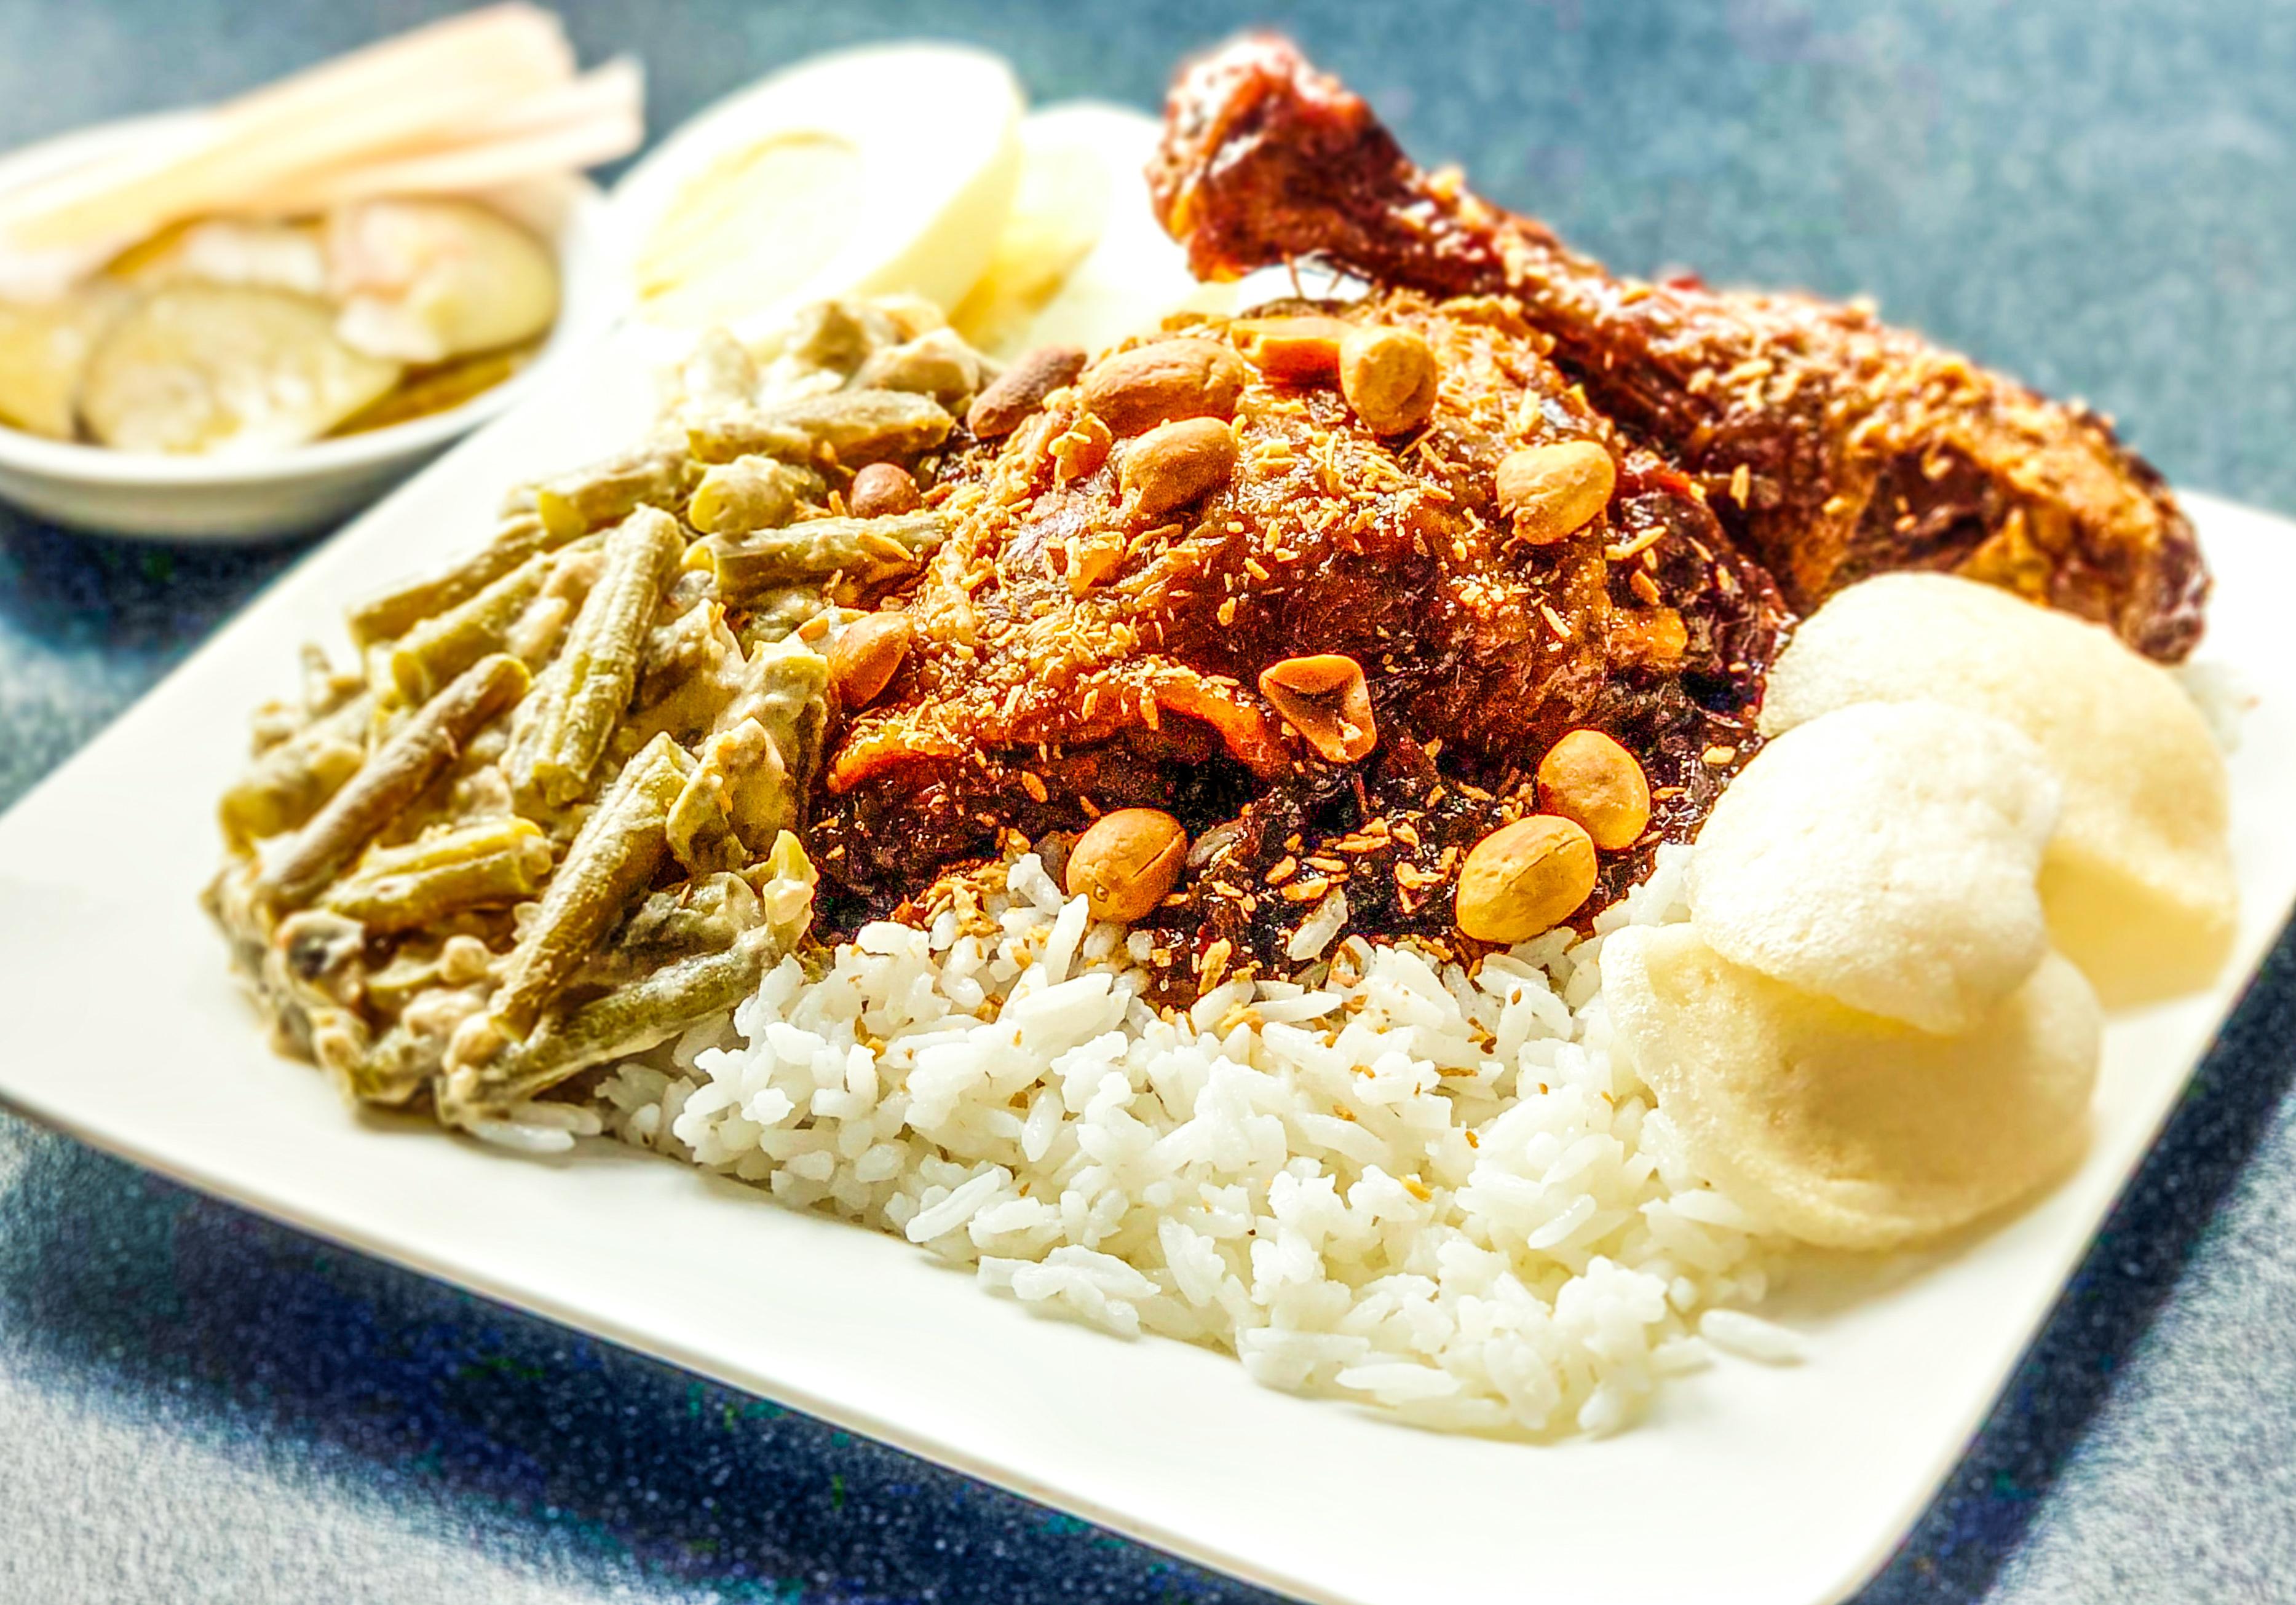 Indische Bami Goreng van Dana's Kitchen uit Hengelo